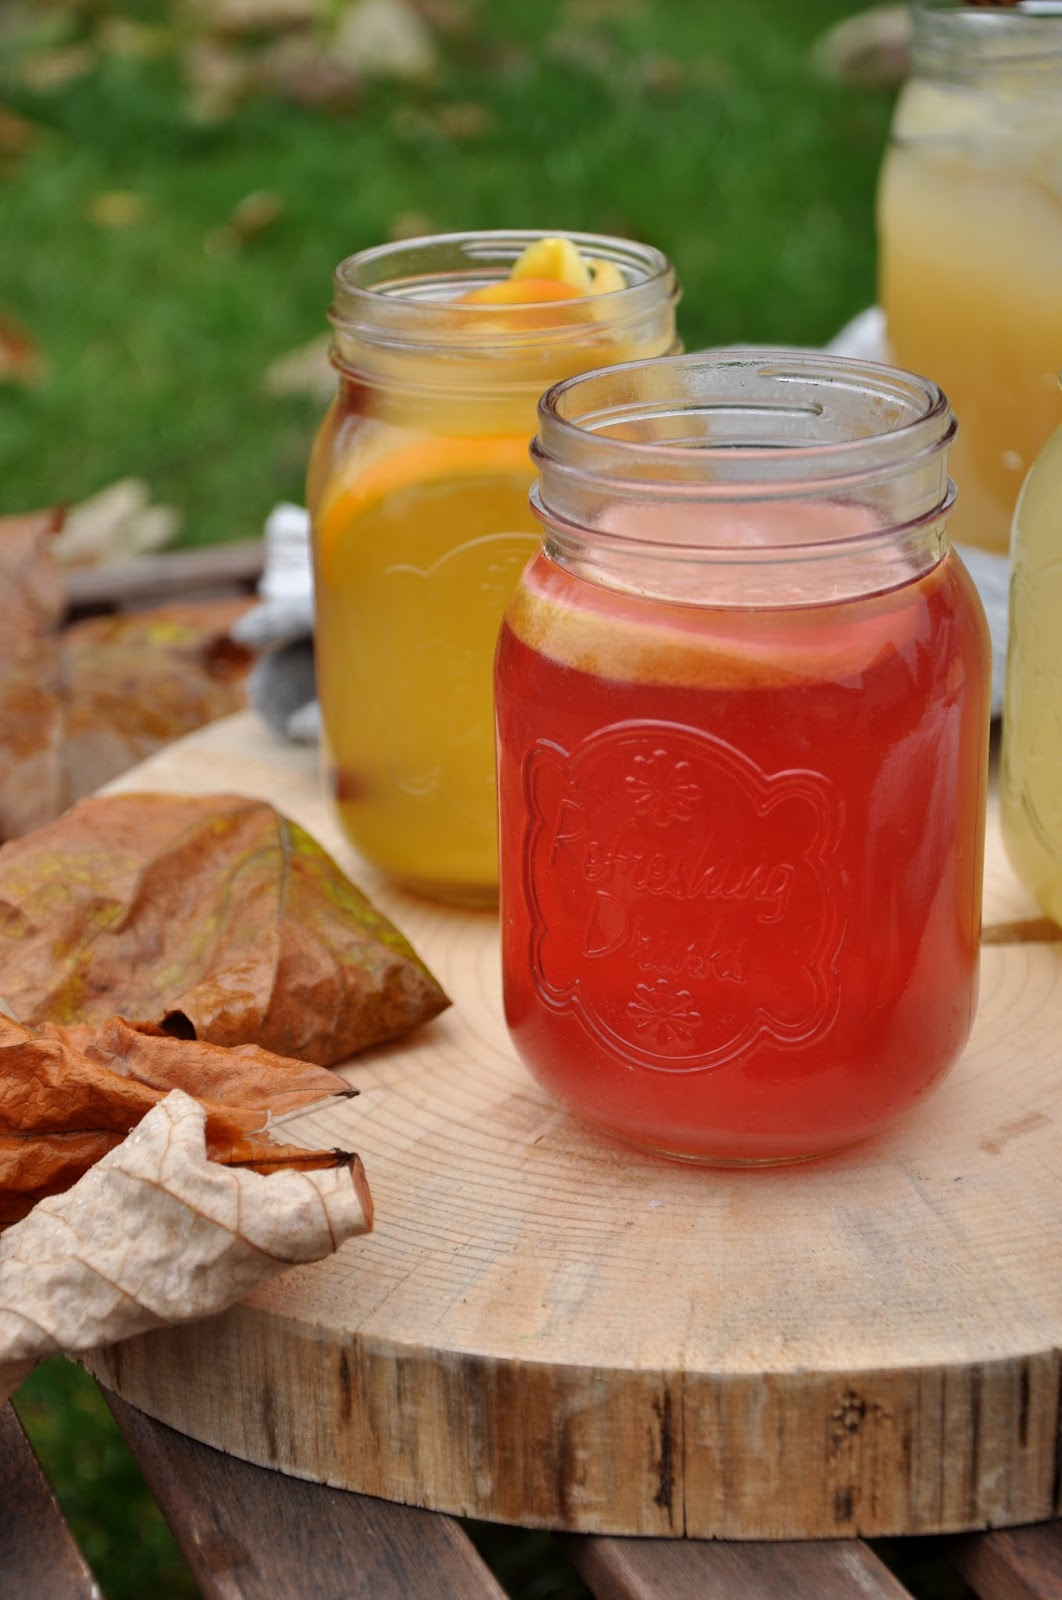 woda z miodem pomarańczą i jabłkami, miód wielokwiatowy, herbata malinowa z miodem i cytryną